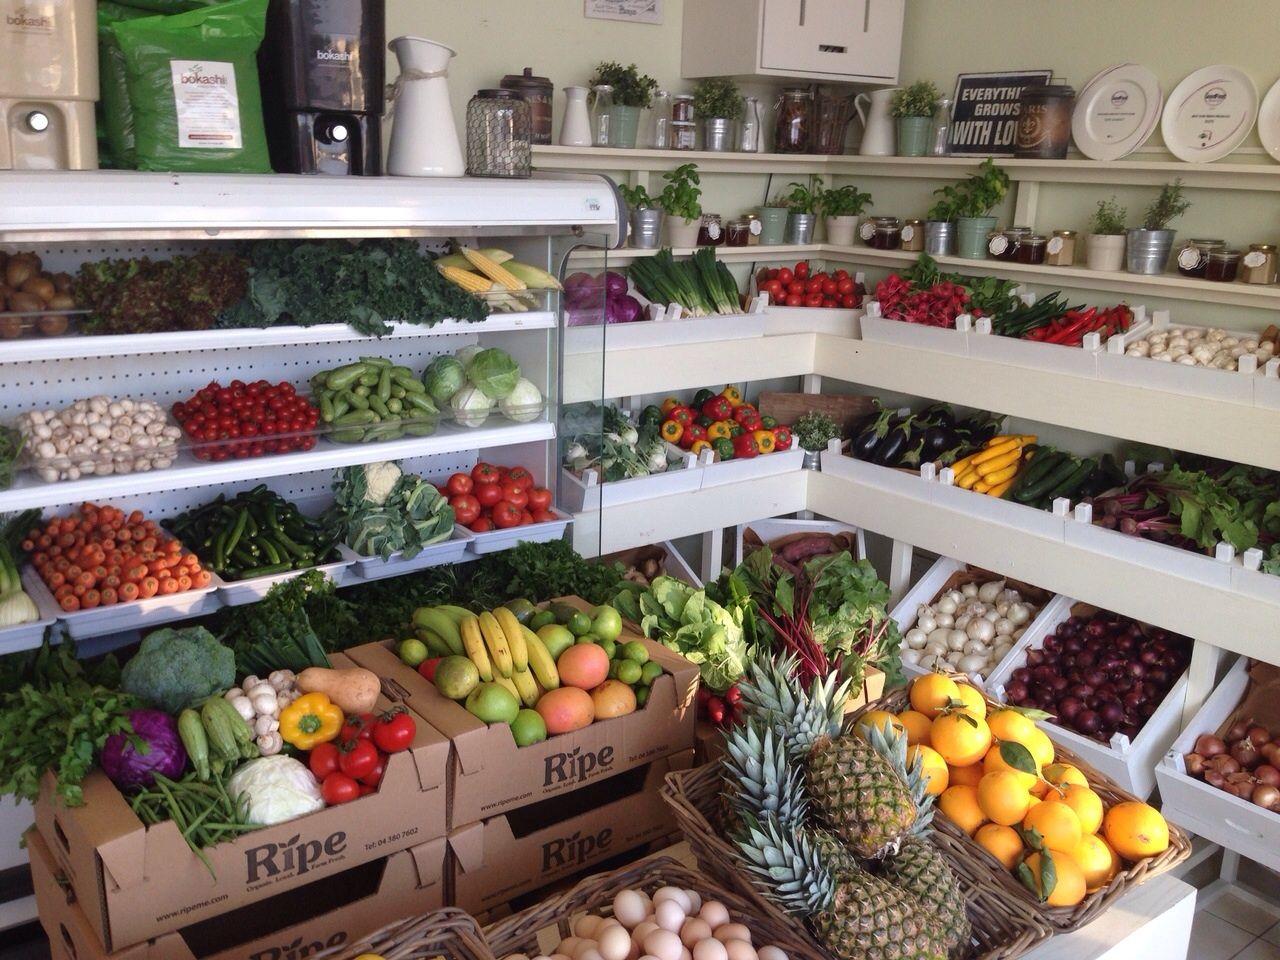 The Ripe Farm Shop in Dubai is in Al Manara and offers a